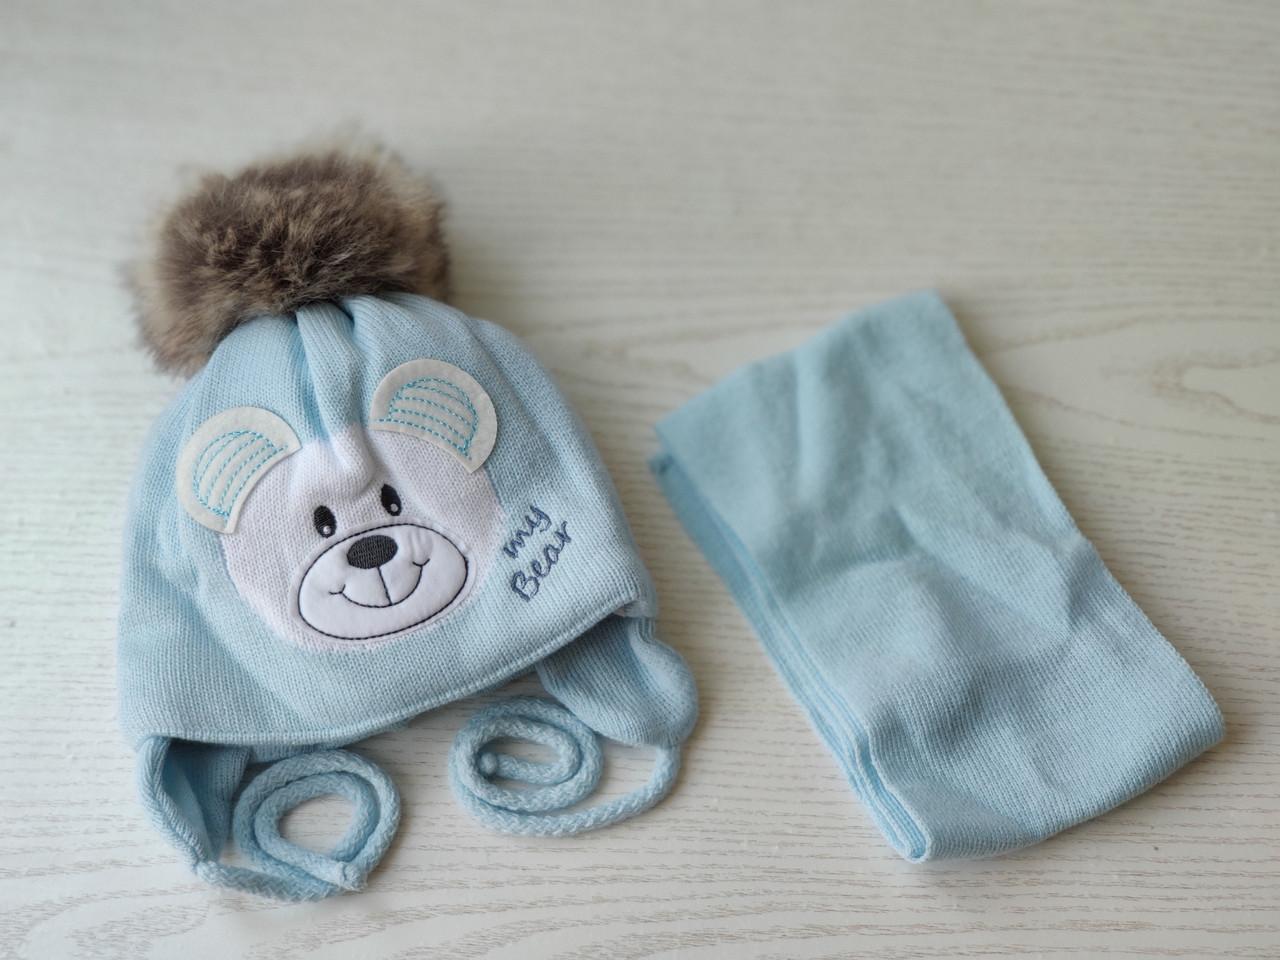 Комплект для мальчика Мишка  (шапка+шарф ) Размер 40-42 см